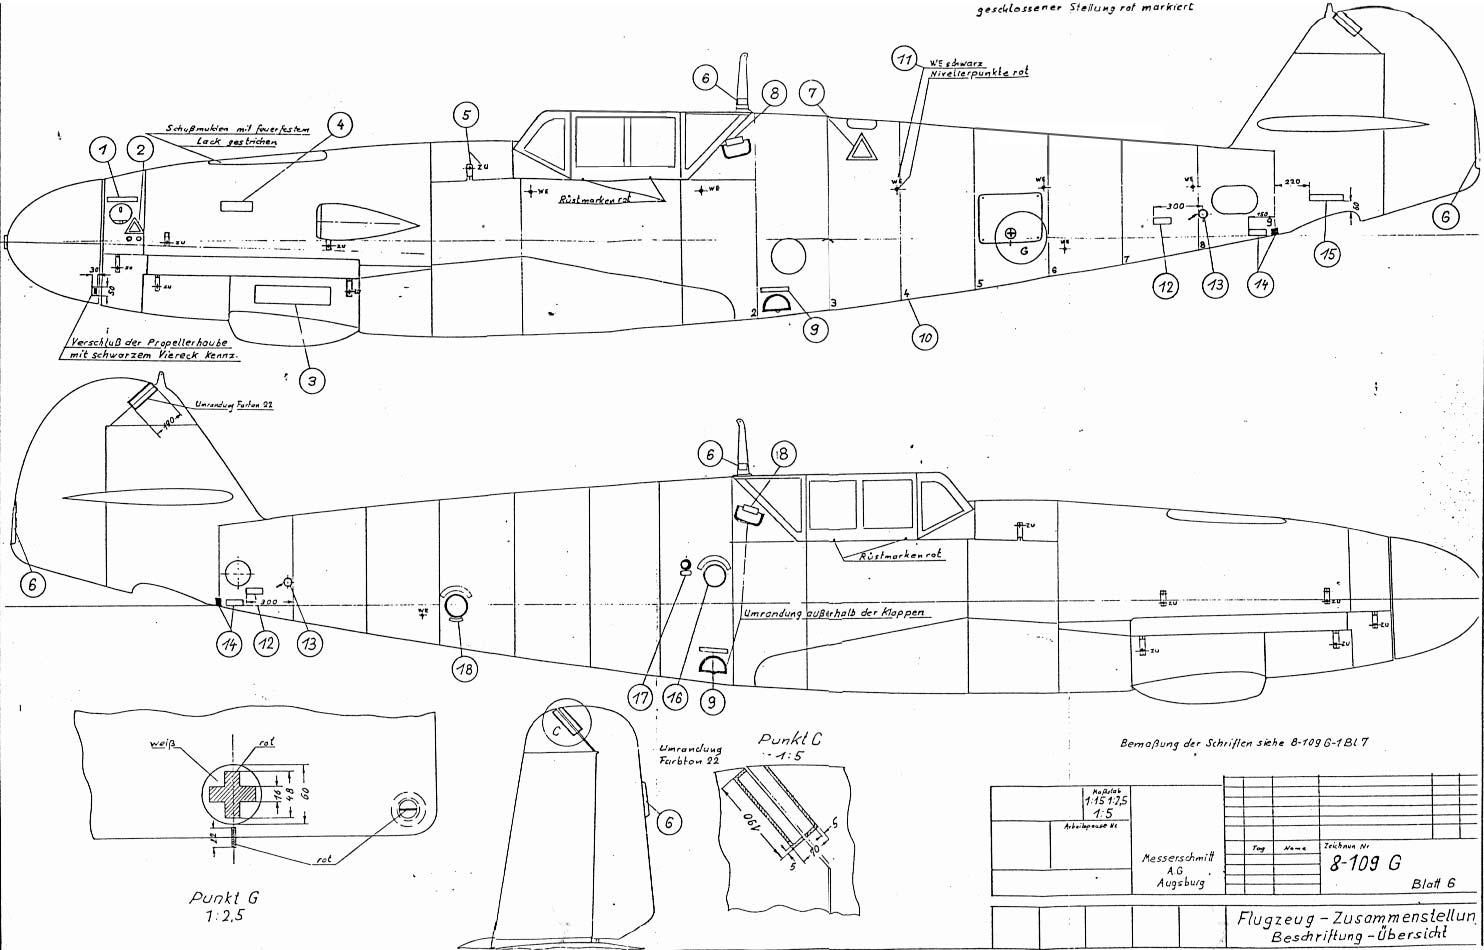 messerschmitt bf 109 blueprints aircraft manuals plans me109